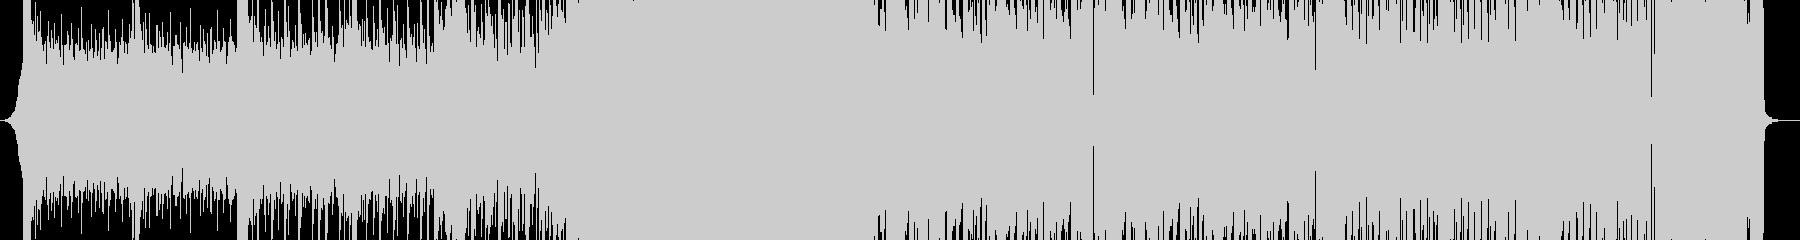 低音が目立つブロステップの未再生の波形